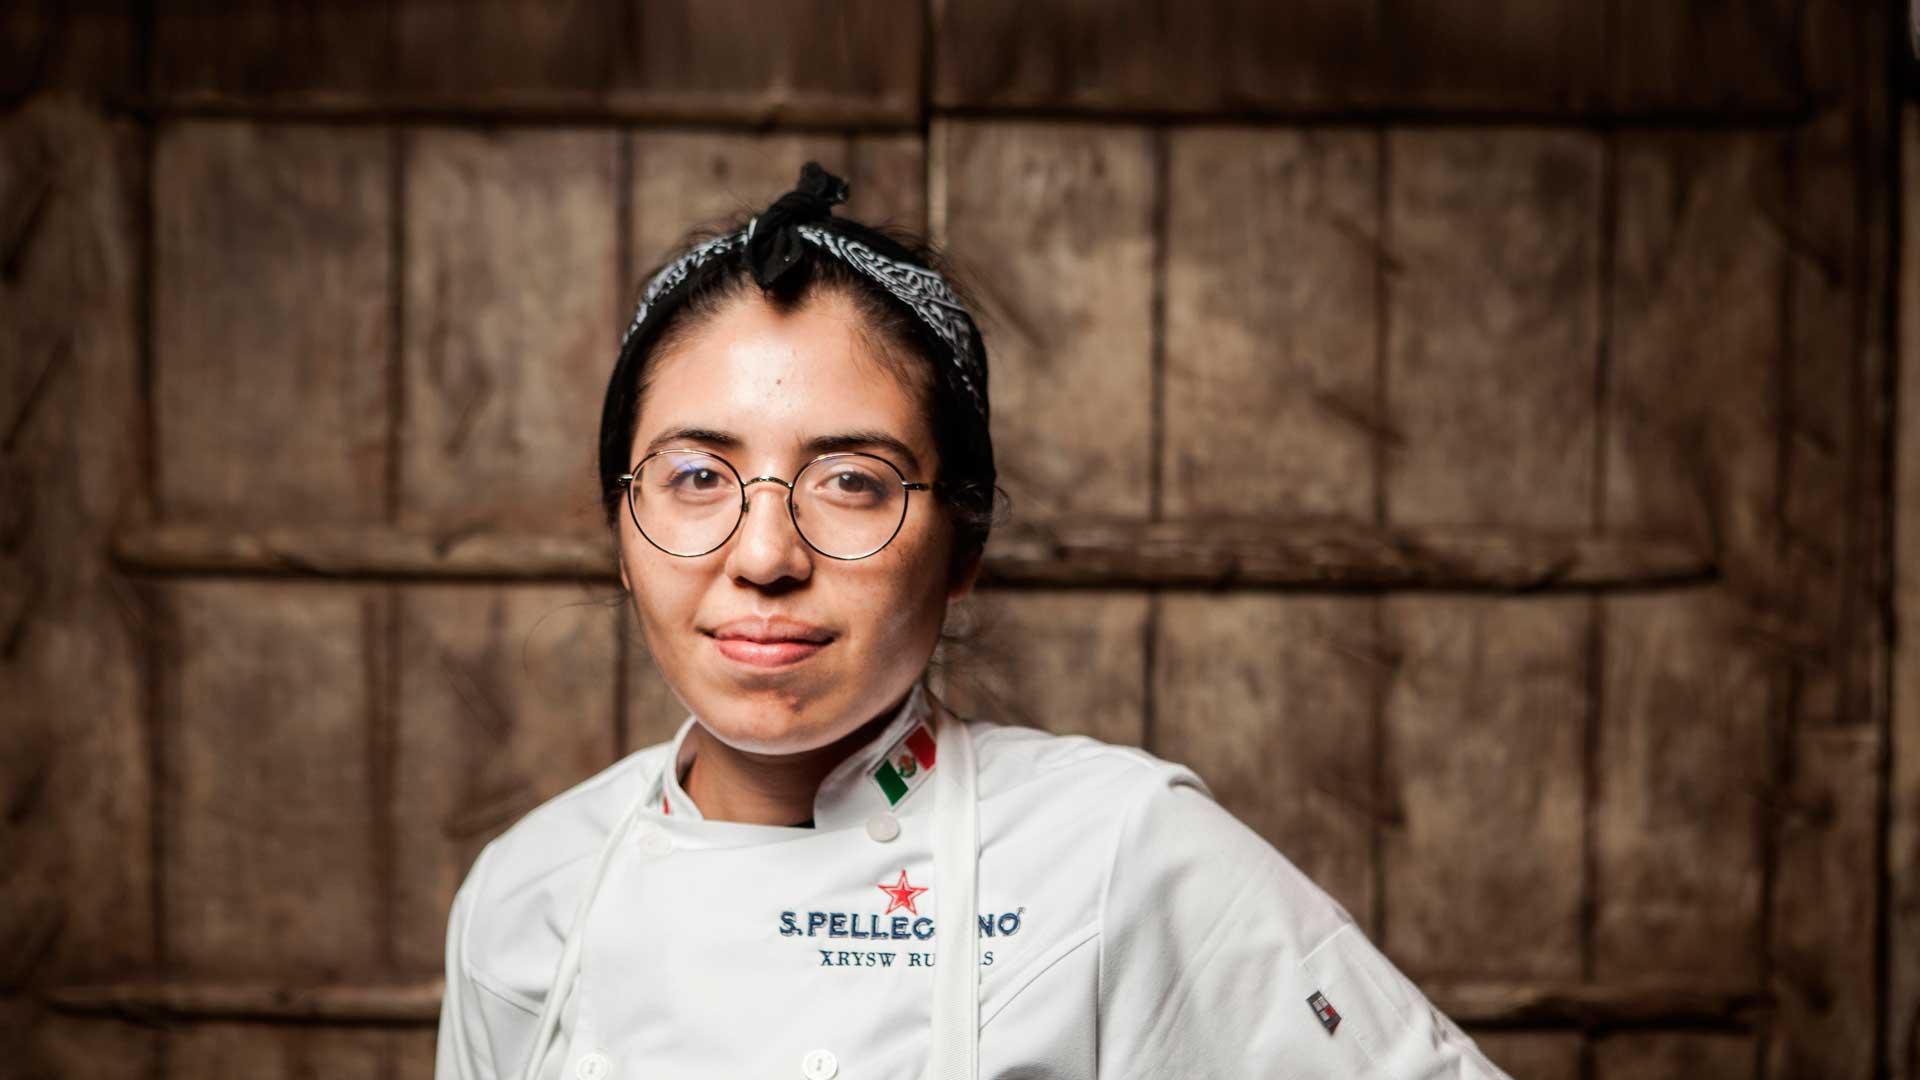 Chef Xrysw Ruelas, comprometida con la gastronomía mexicana